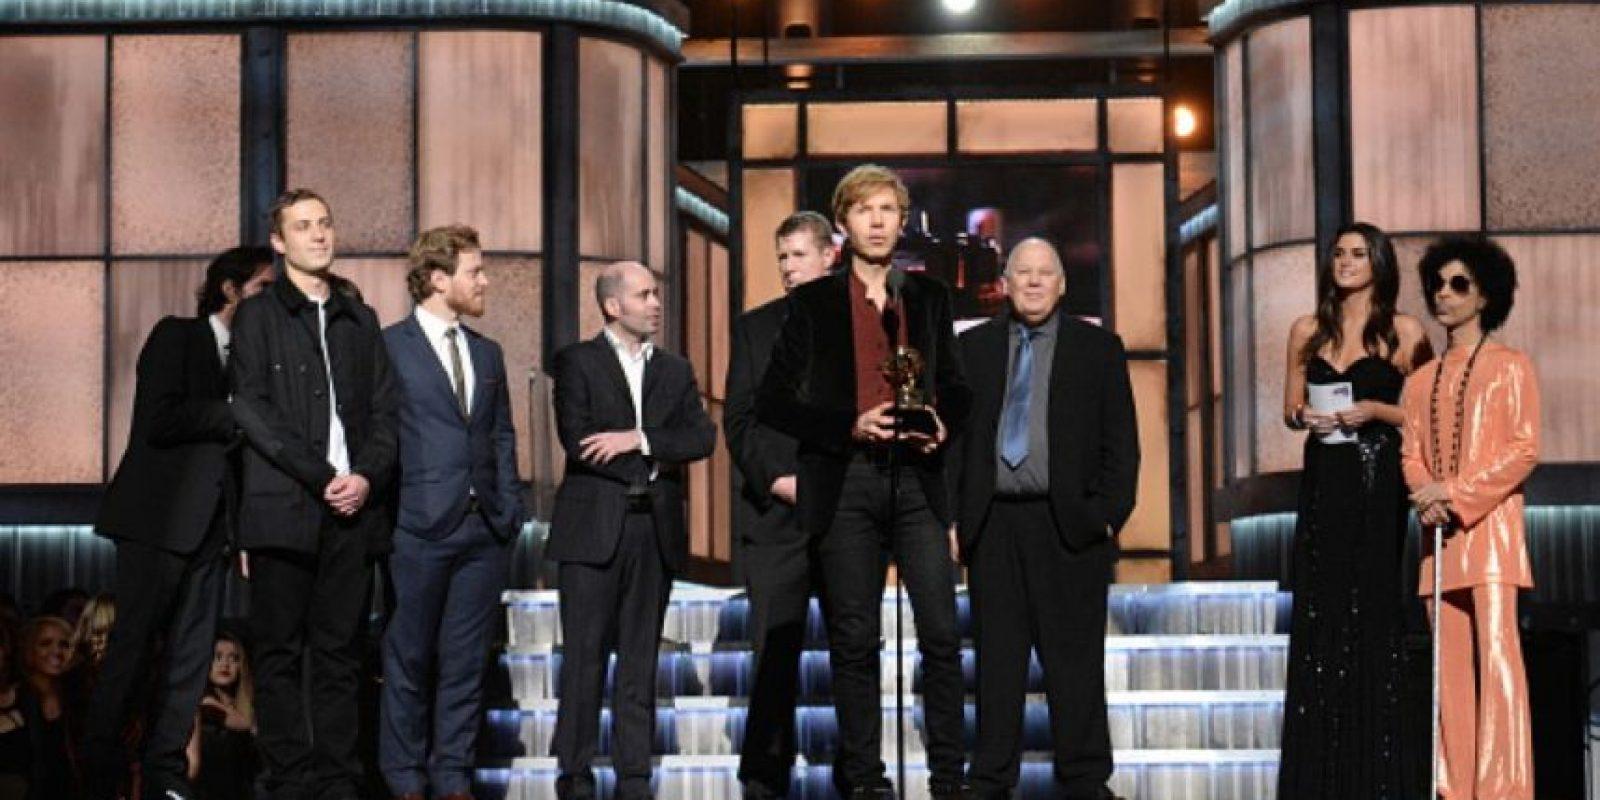 Beck recibió dos Grammy, a Mejor Álbum del Año y a Mejor Álbum Rock. Foto:Getty Images